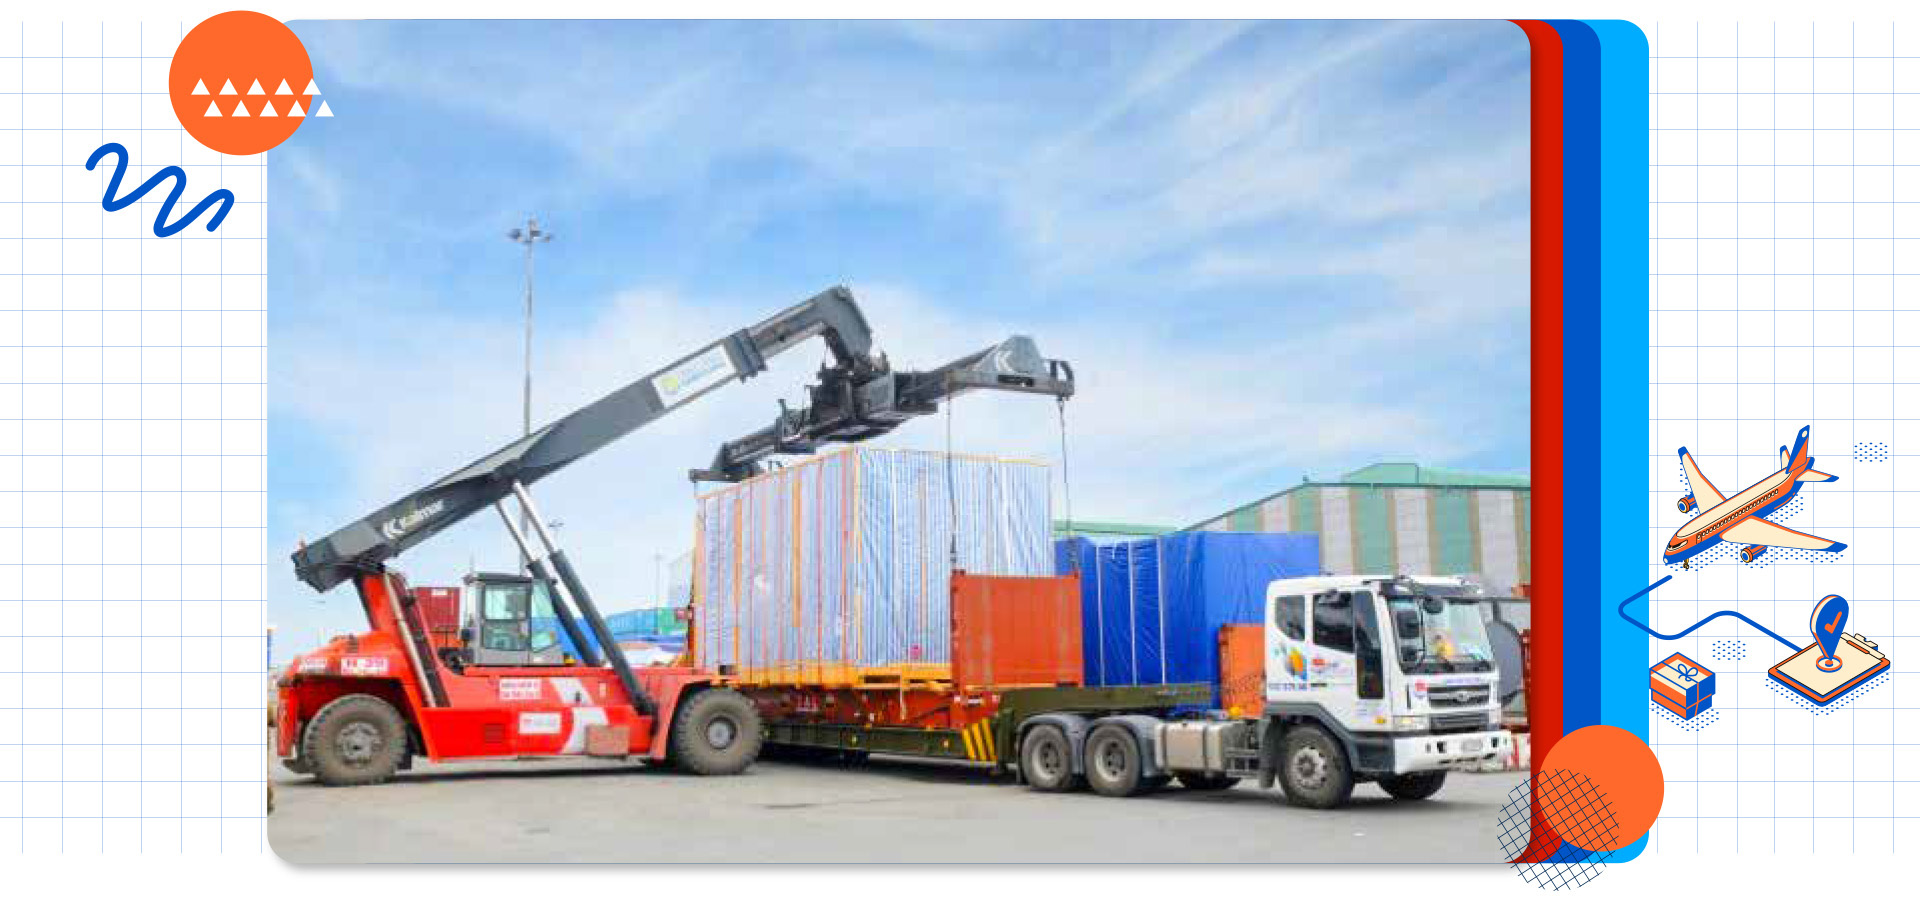 Học ngành Logistics để chinh phục vị thế vàng trong mạch giao thương thời đại 4.0 - Ảnh 3.